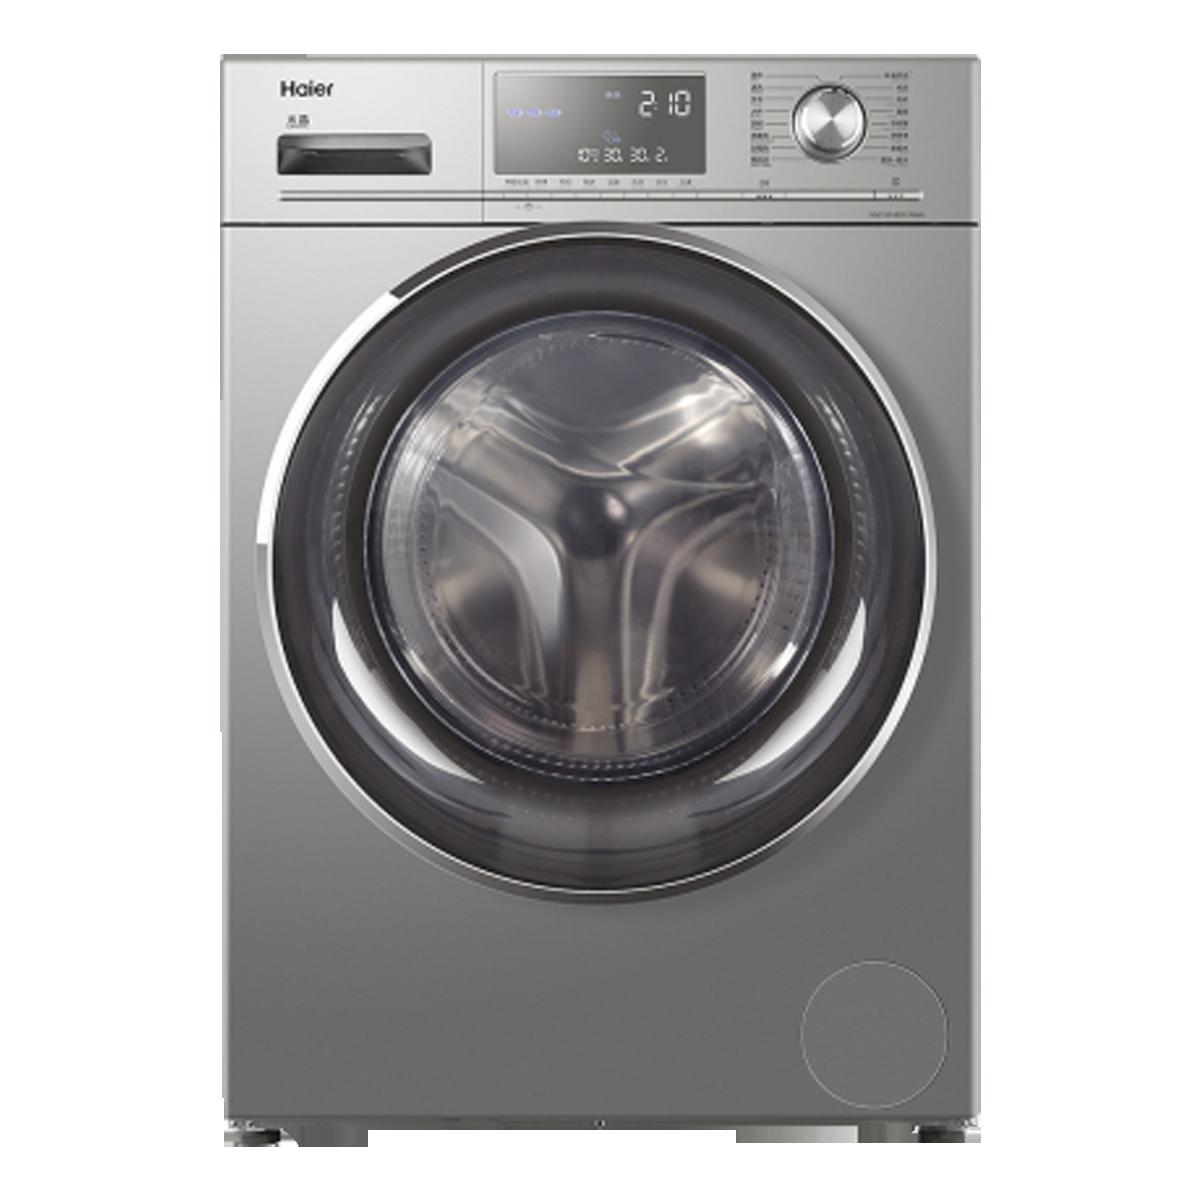 海尔Haier洗衣机 XQG120-HBDX14696LHU 说明书